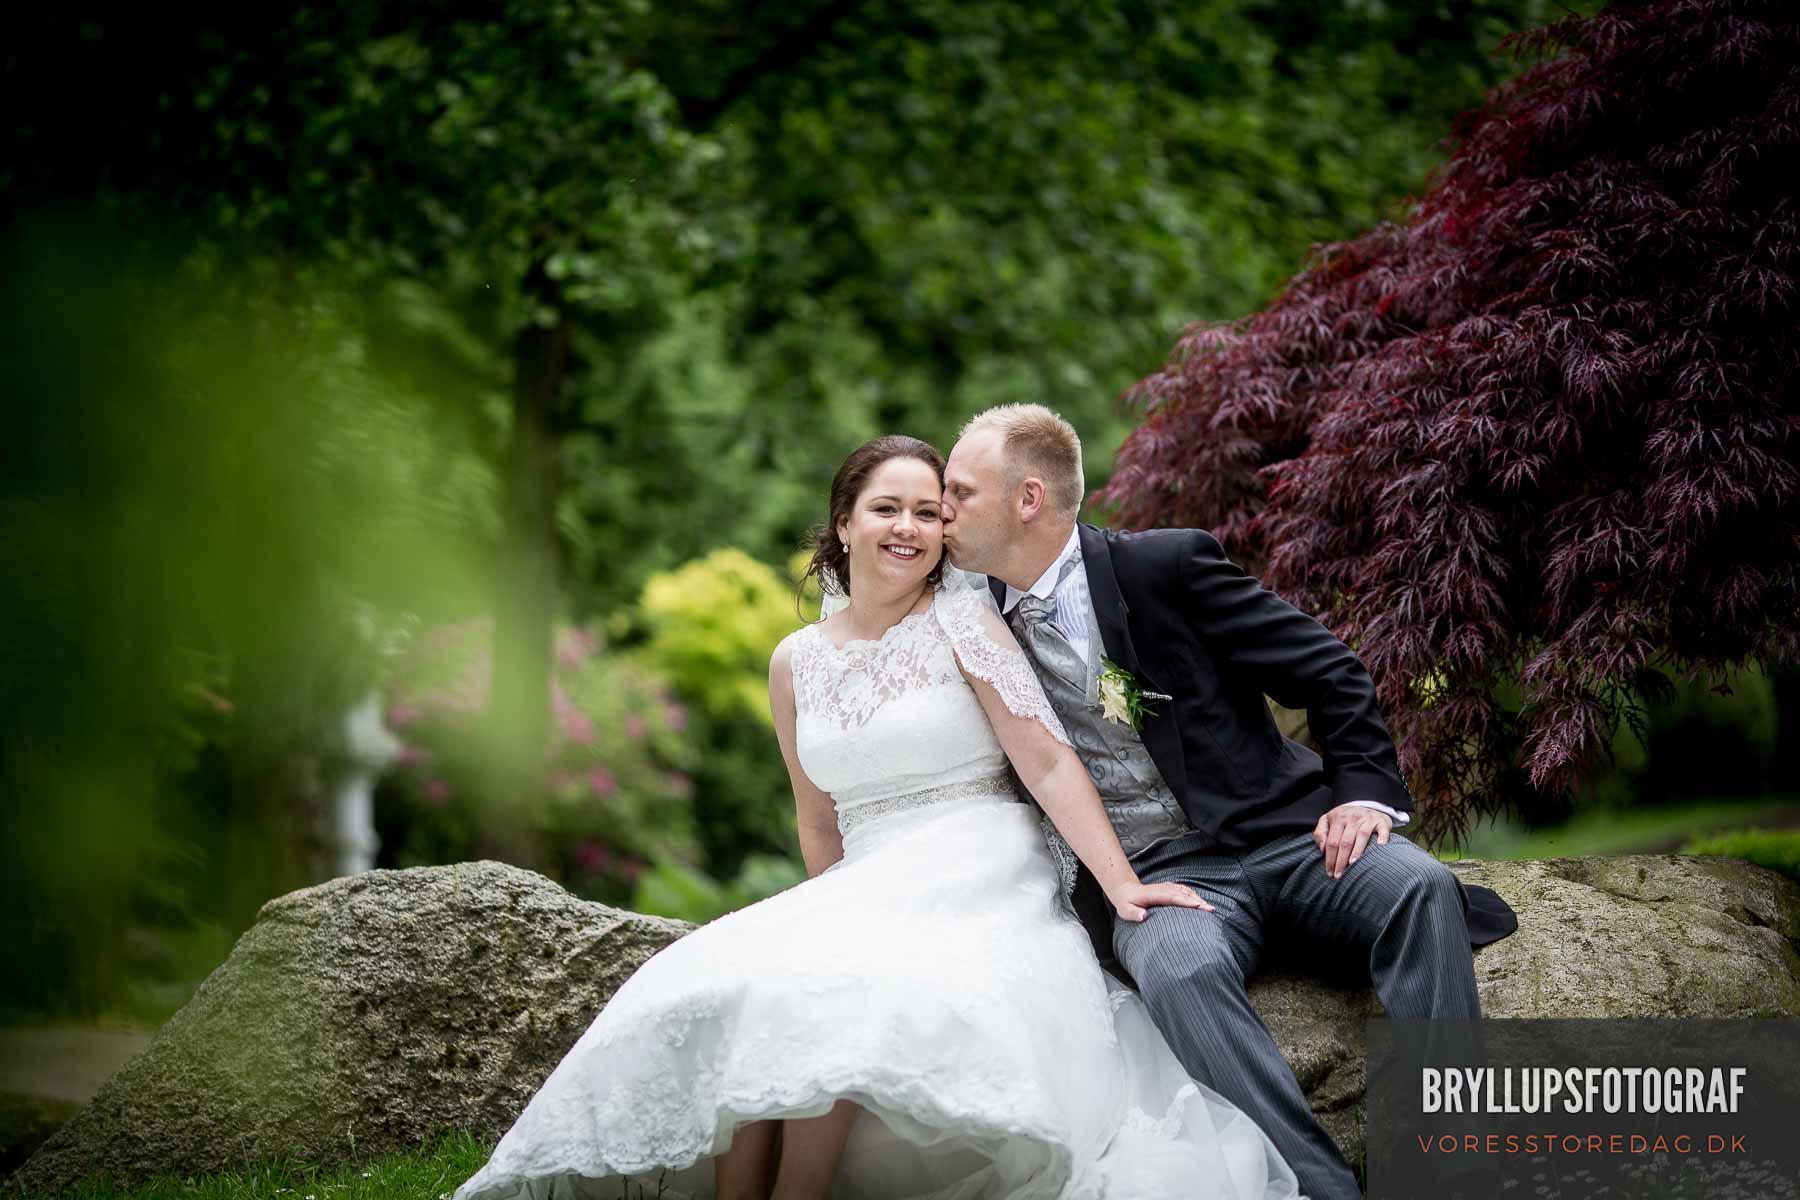 Skal vi skabe noget smukt. Bryllupsbilleder skal være et minde.